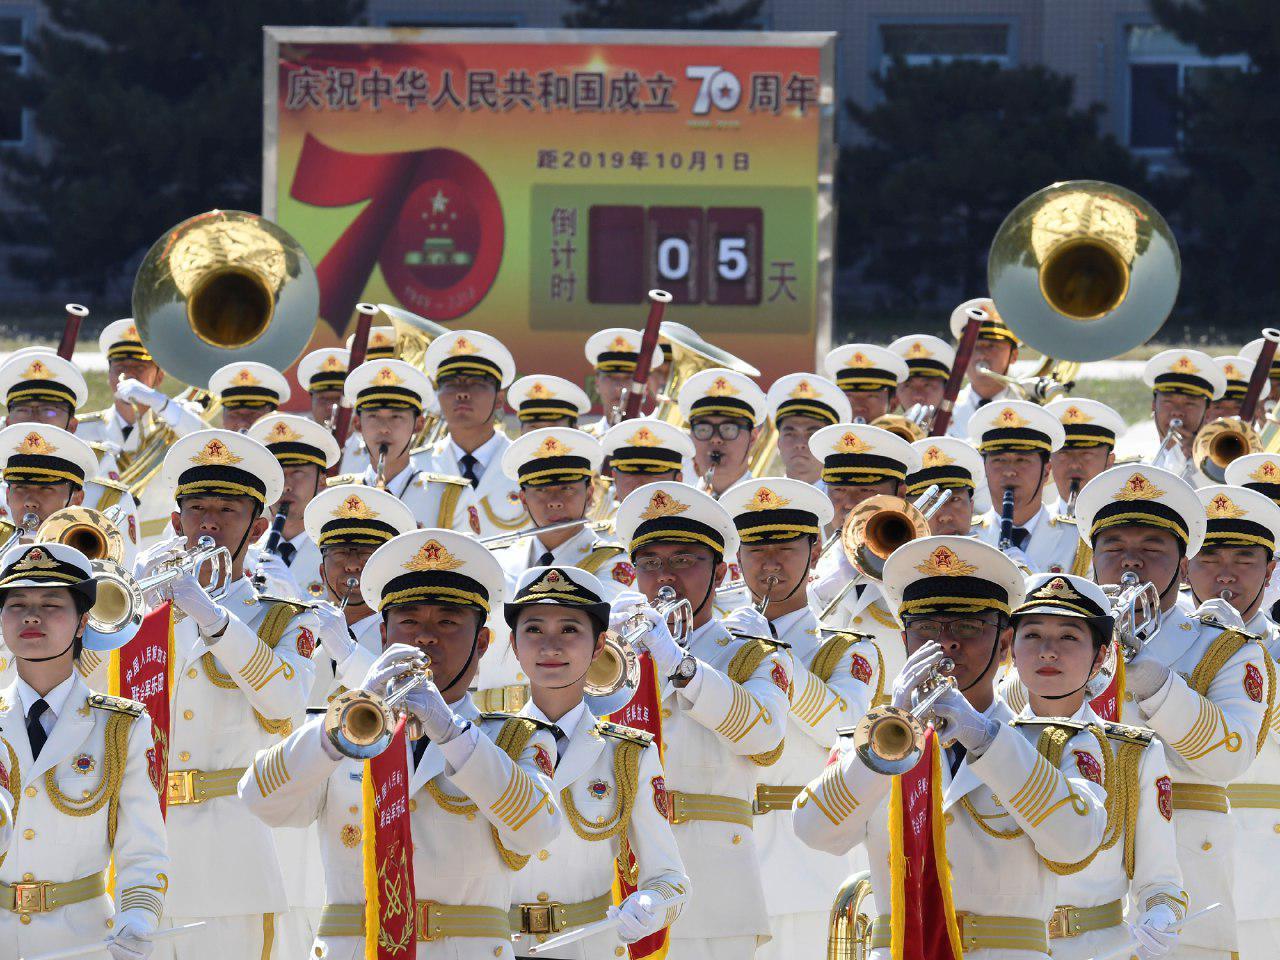 70 років КНР: Китай заявляє, що він більше не другий